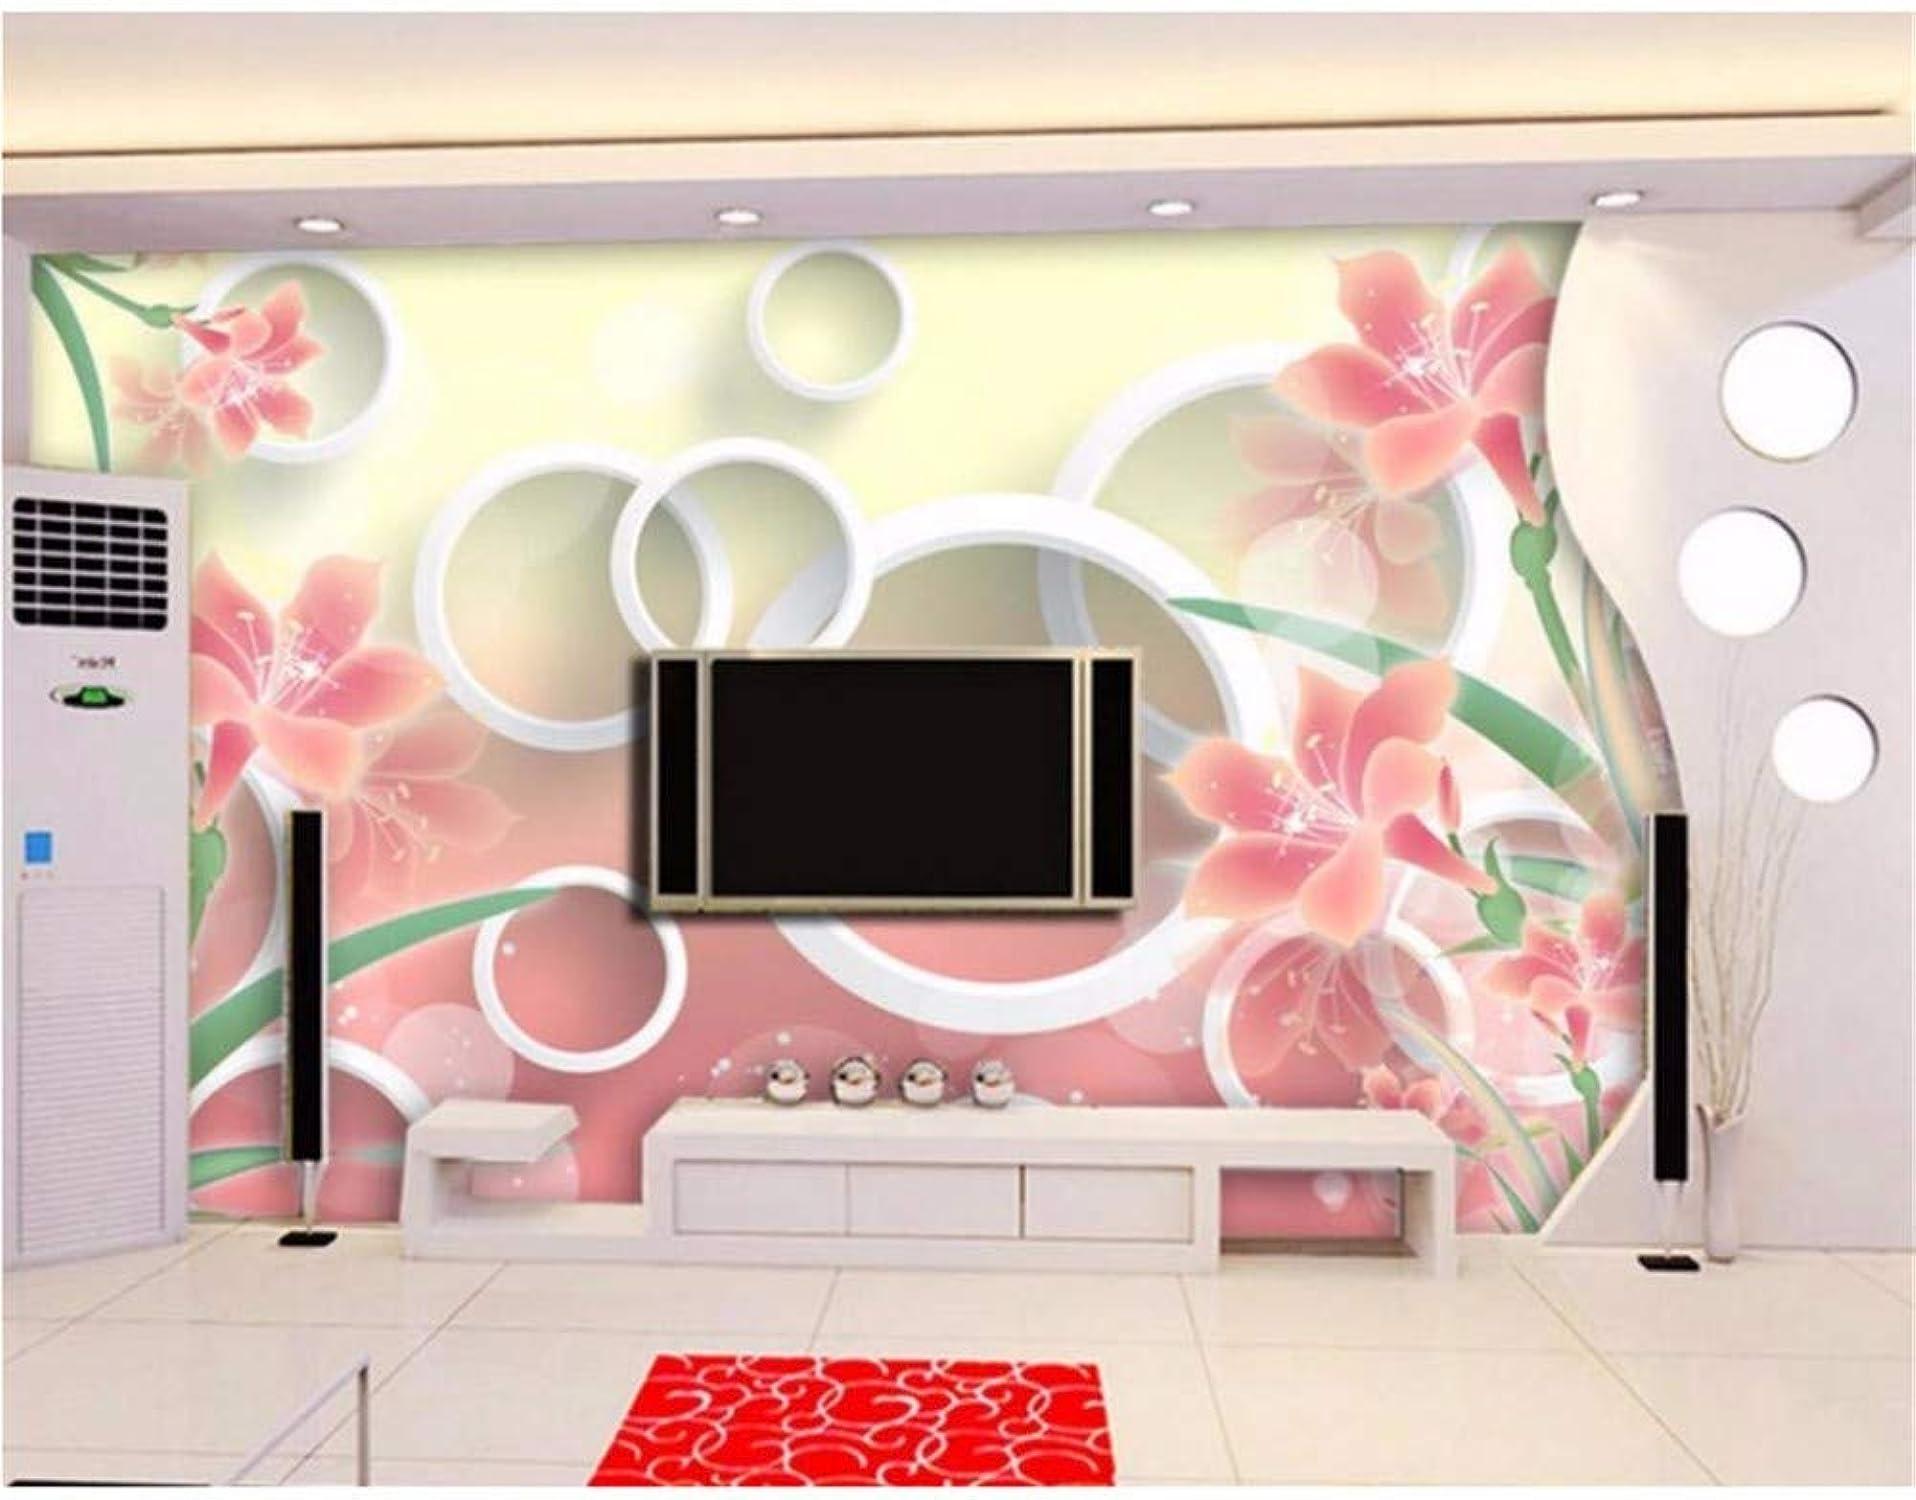 tienda de venta en línea Weaeo Personalice El Papel Tapiz 3D Moda Lirio De De De La Flor Papel Tapiz Mural Para El Restaurante Cafe Background Wall Decor Circle Tv Background Wall-200X140Cm  barato